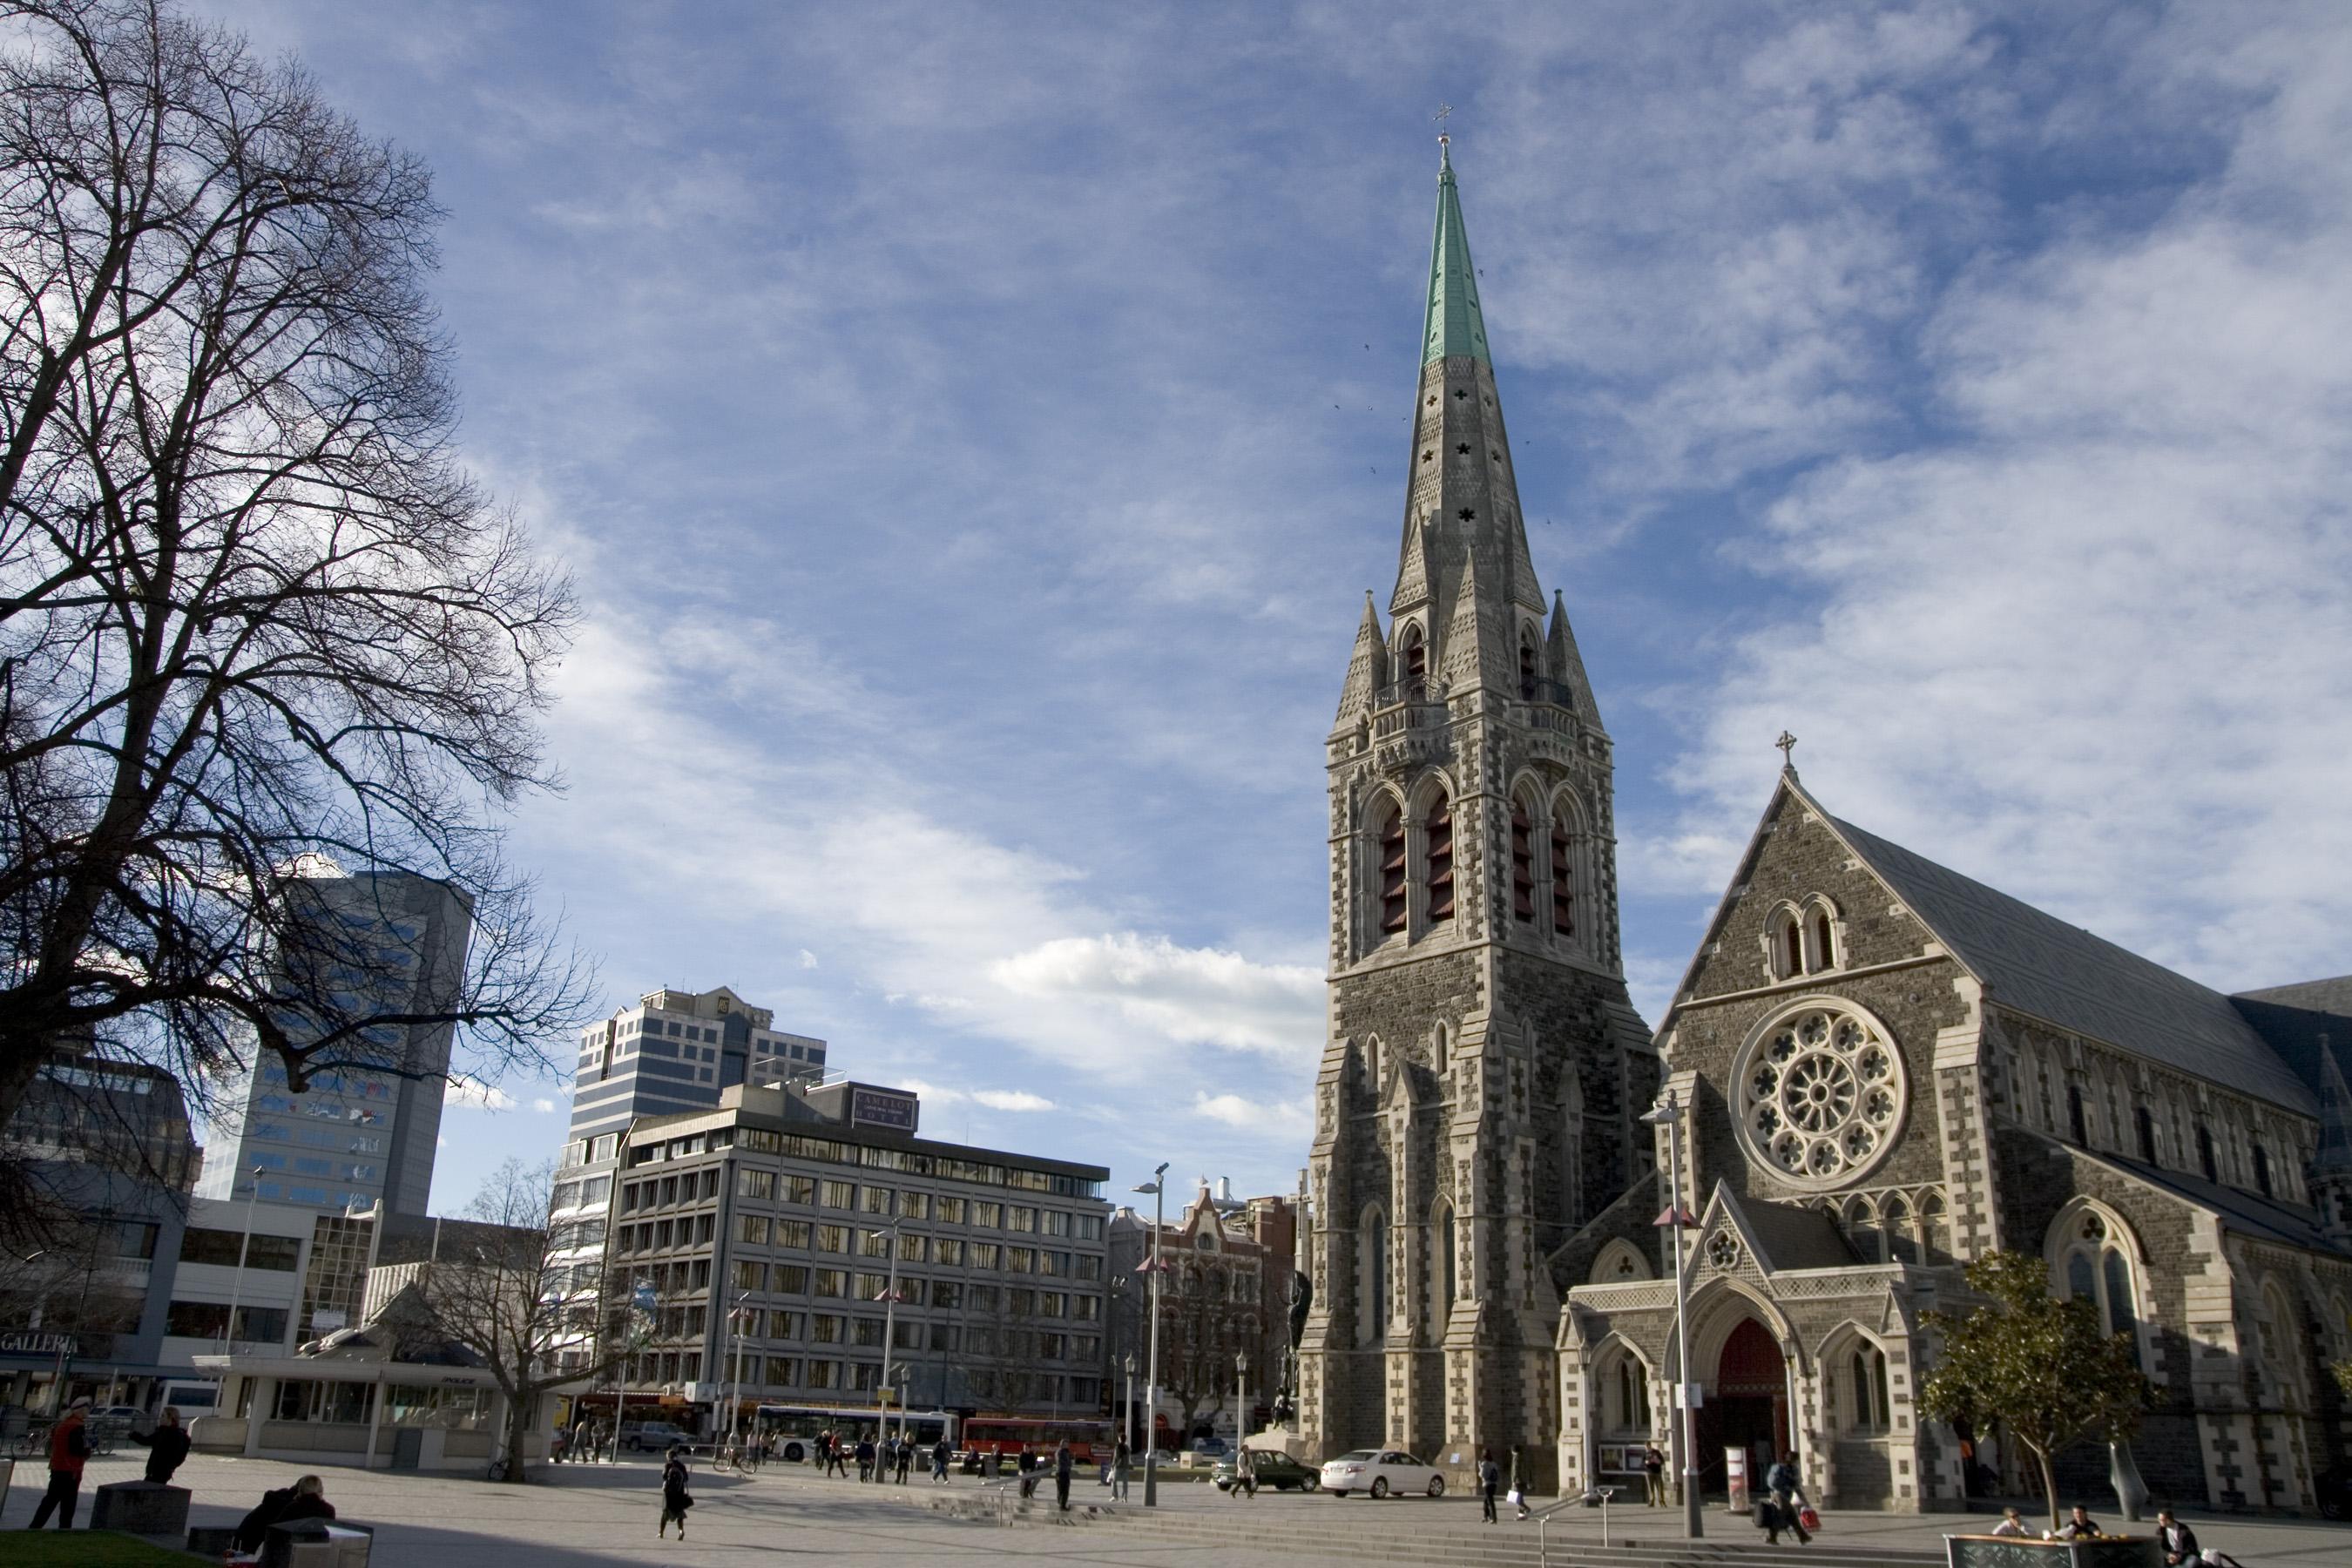 Christchurch Wikipedia: File:Christchurch City Centre.jpg